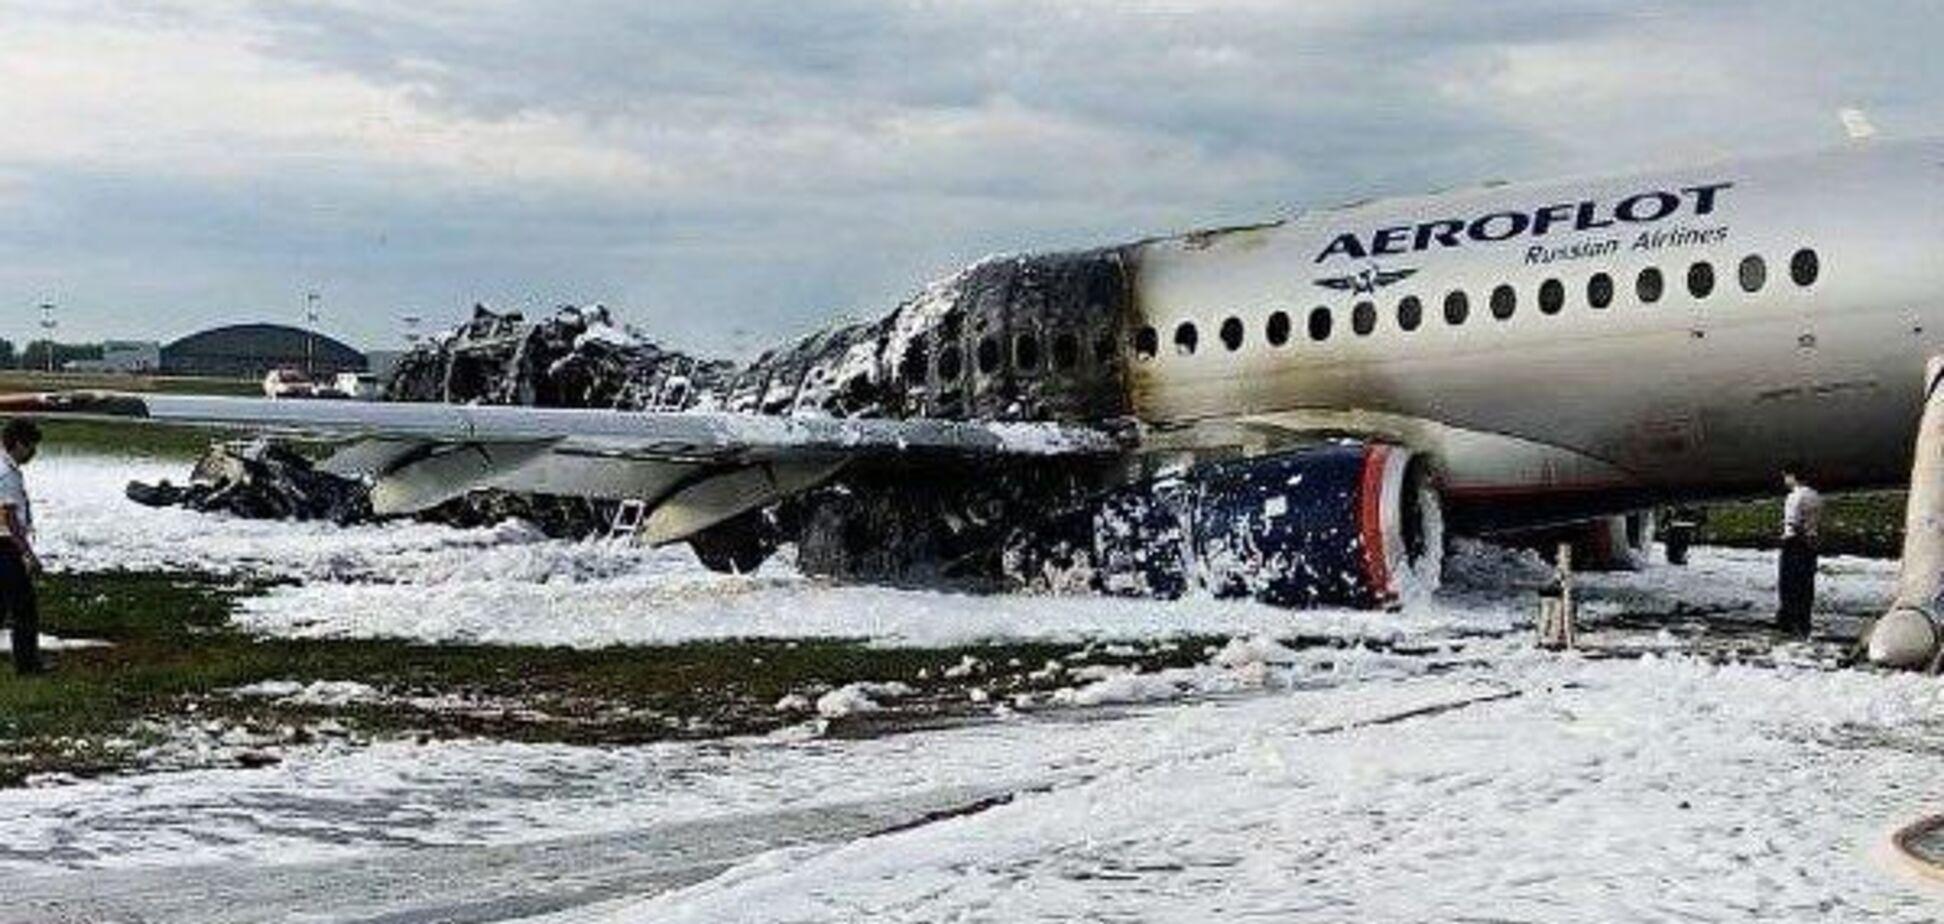 'Мог взорваться еще в воздухе': авиаэксперт о трагедии в 'Шереметьево'